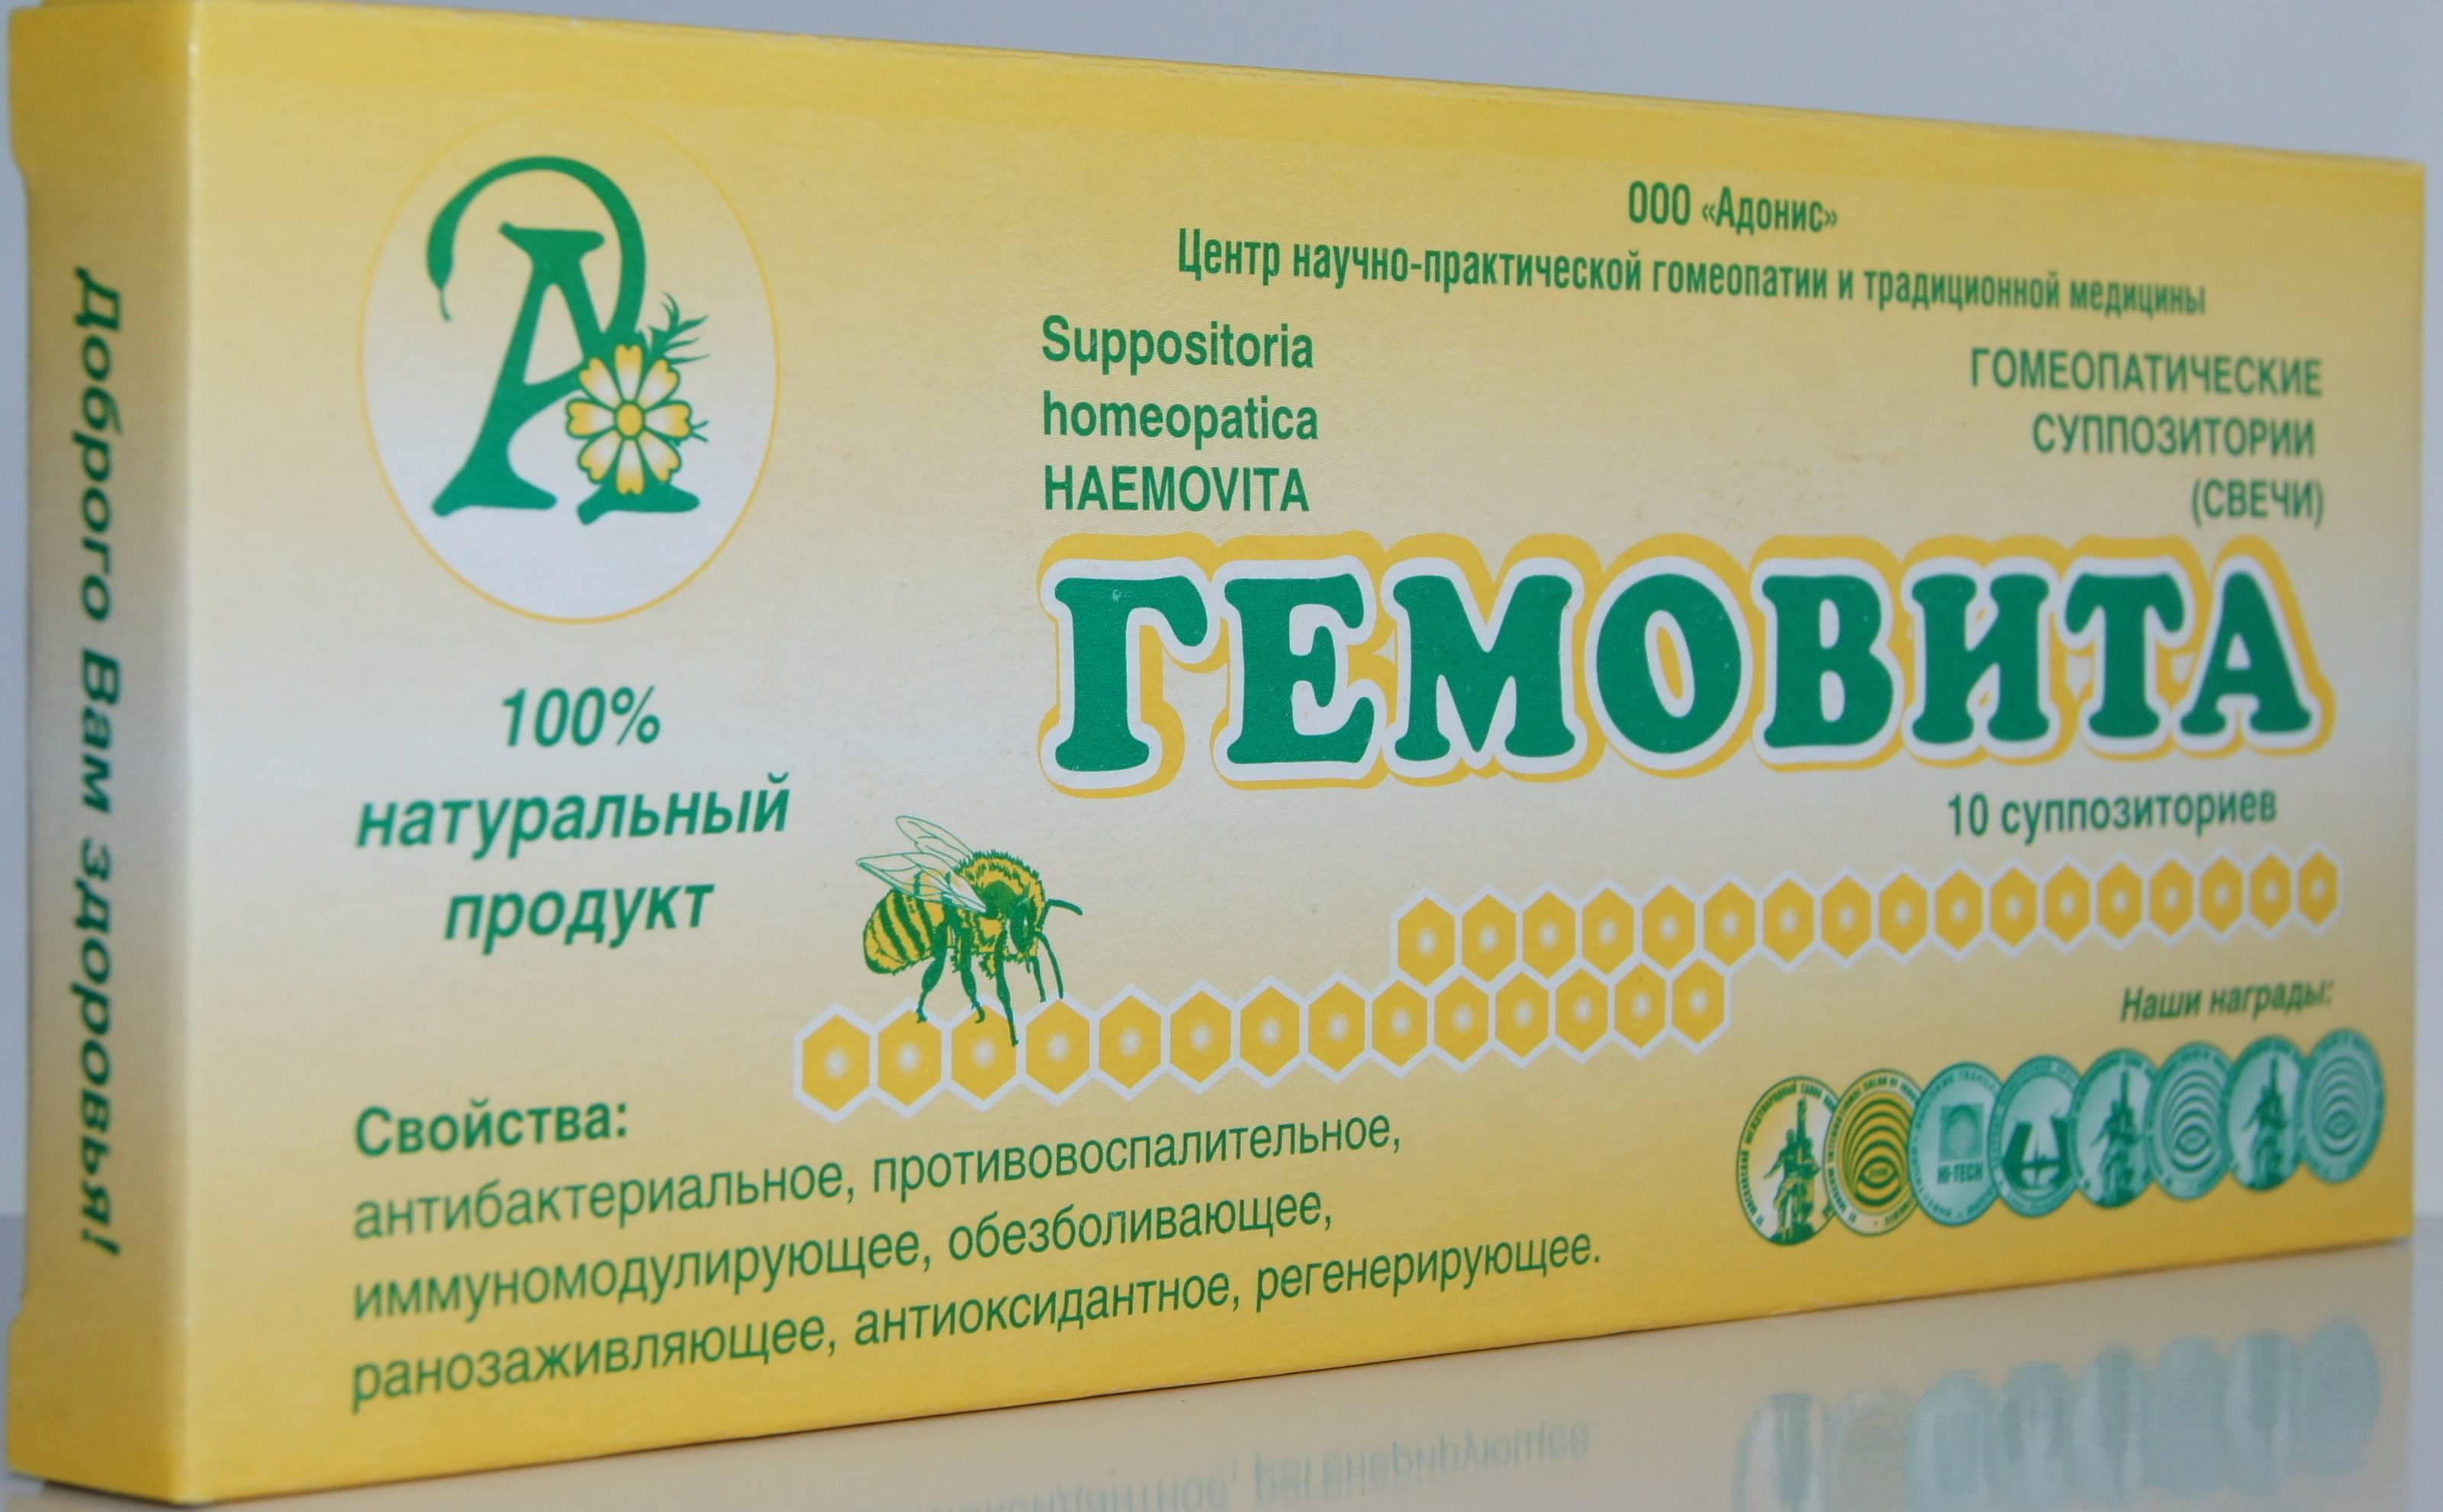 Прополис — лечебные свойства и применение продукта